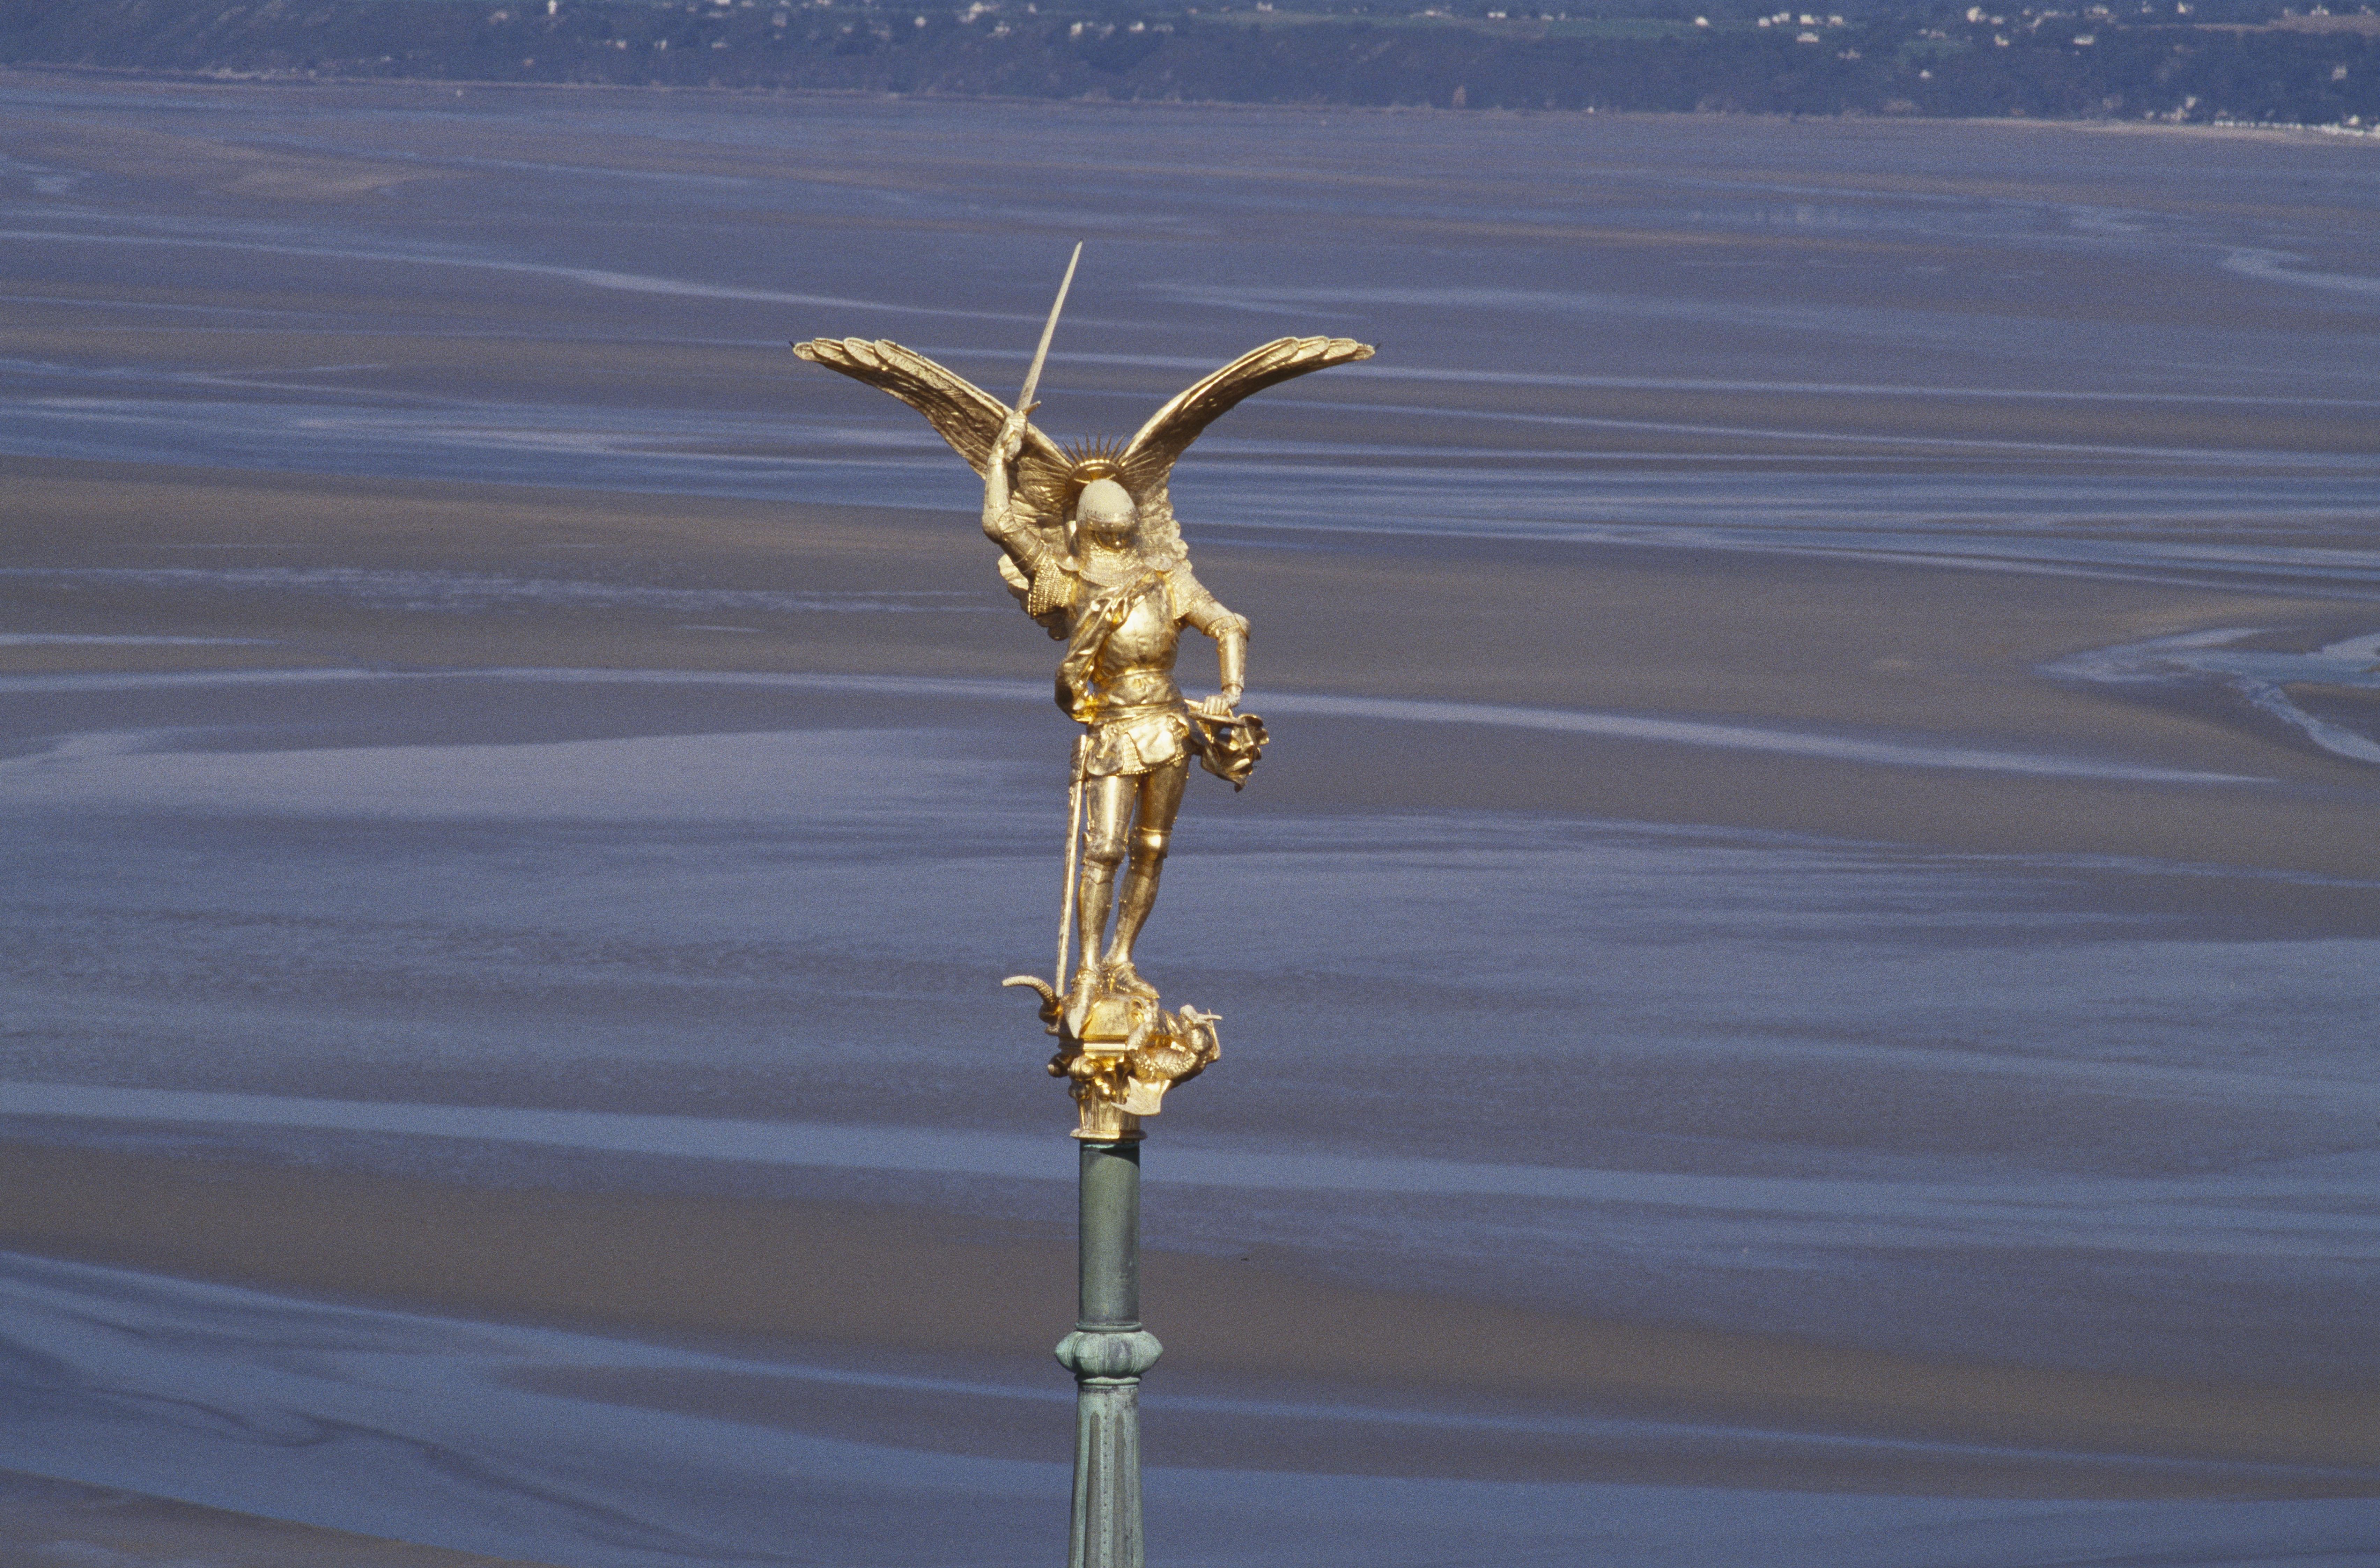 1Emmanuel Frémiet, Statue de l'archange saint Michel, vers 1879, abbaye du Mont-Saint-Michel. © CMN